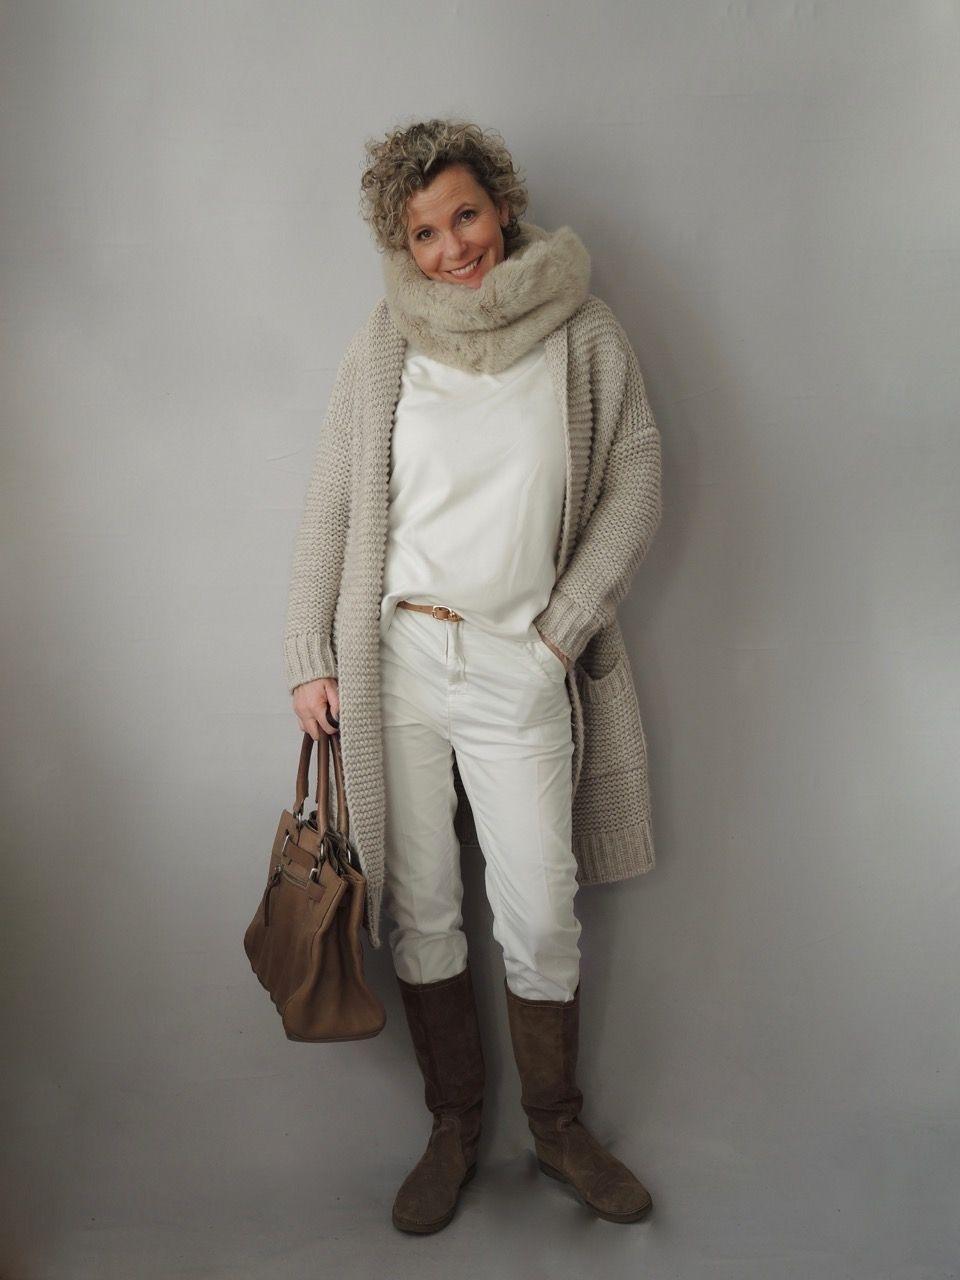 Formal Luxus Elegante Kleider Für Die Frau Ab 50 Bester PreisDesigner Wunderbar Elegante Kleider Für Die Frau Ab 50 Vertrieb